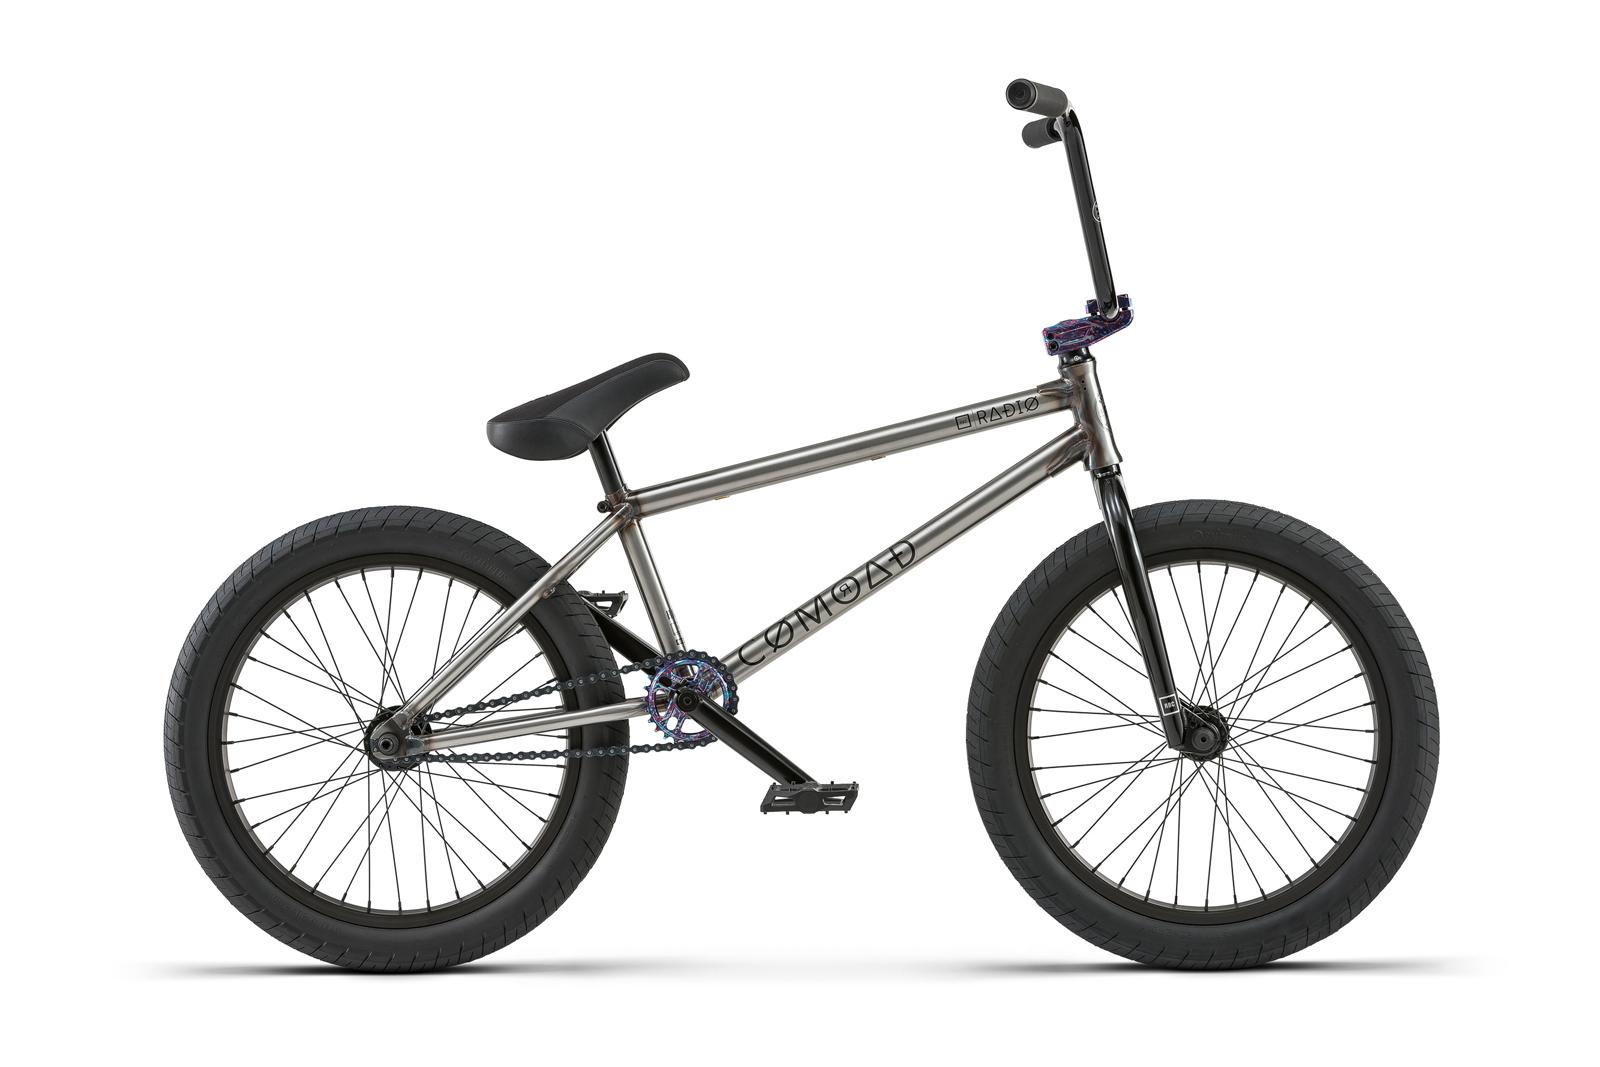 The New 2018 Comrad Bmx Bike From Radio Bikes